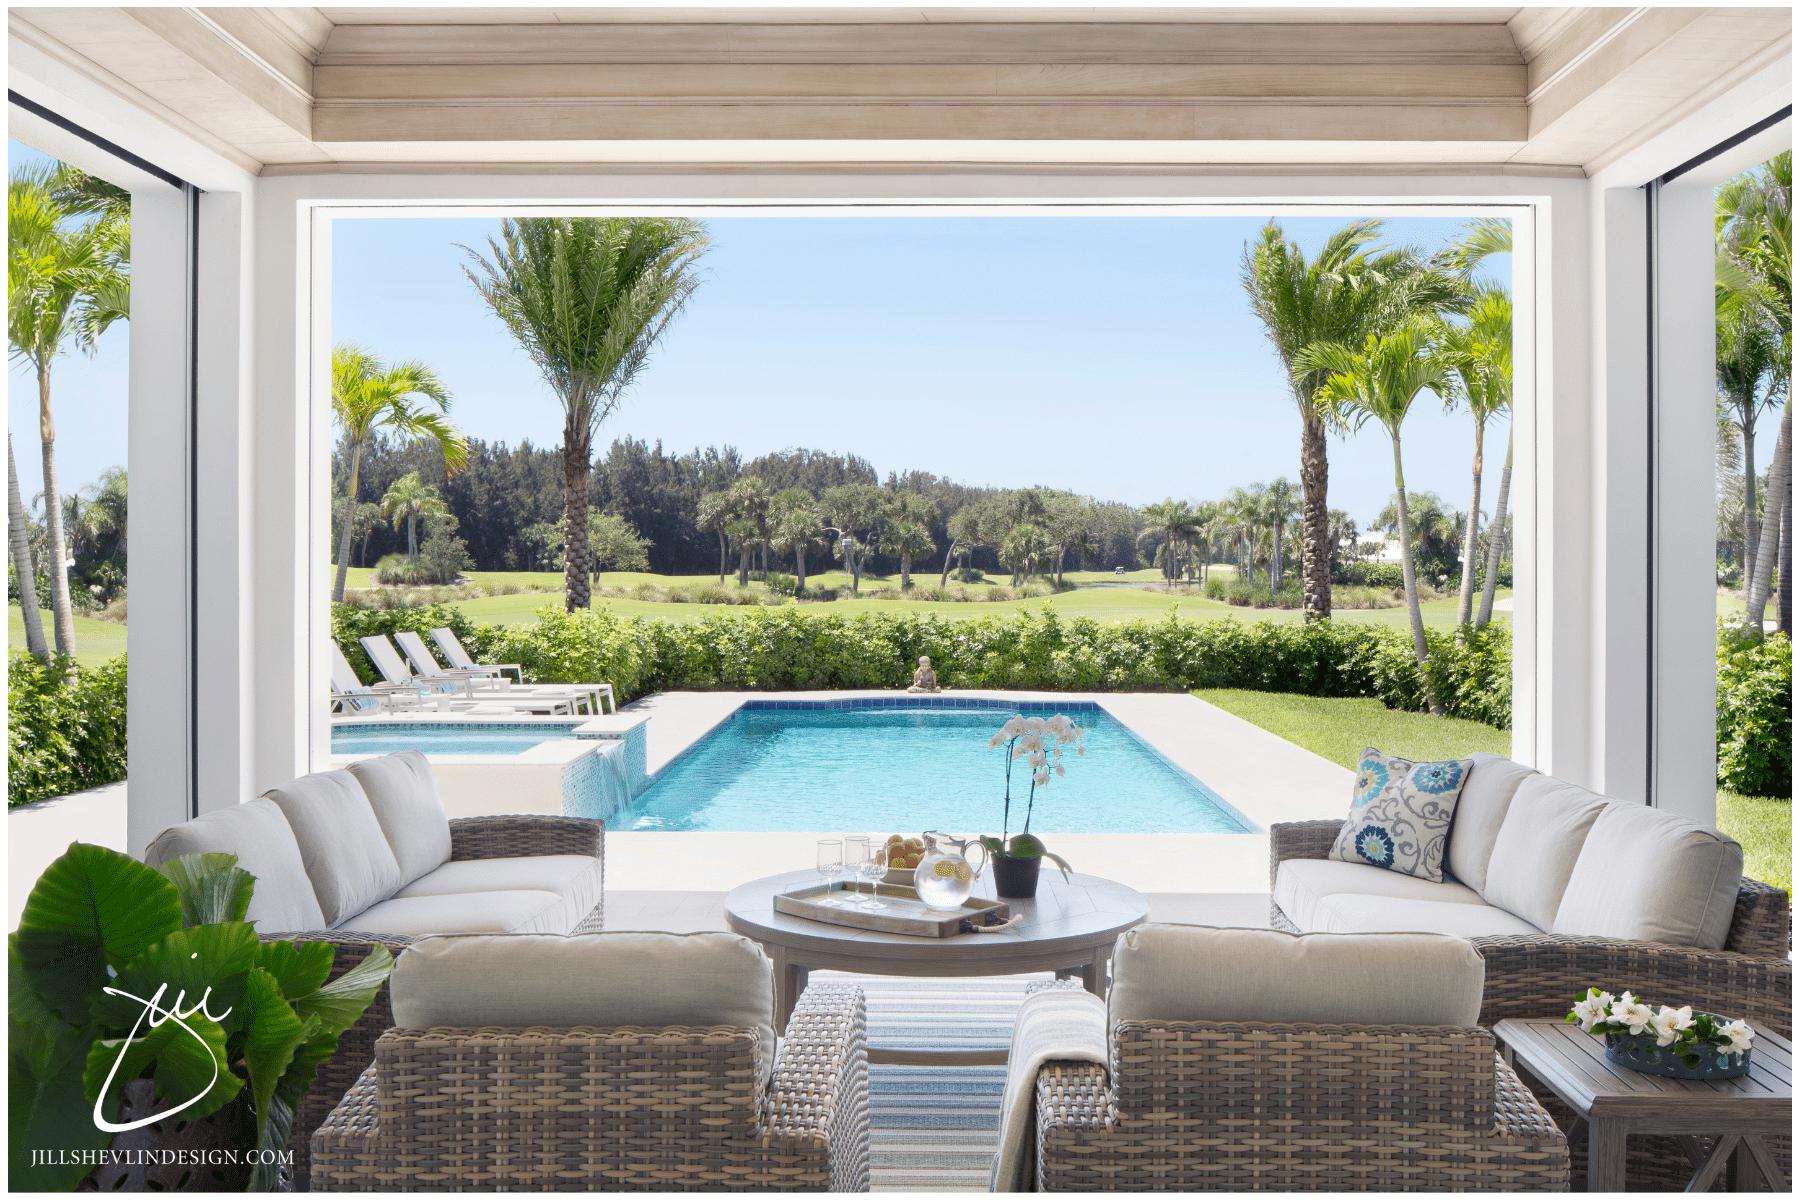 Jill Shevlin Design Vero Beach Interior Designer Creates a Casual Outdoor Living Area in a Vero Beach Golf Course Home